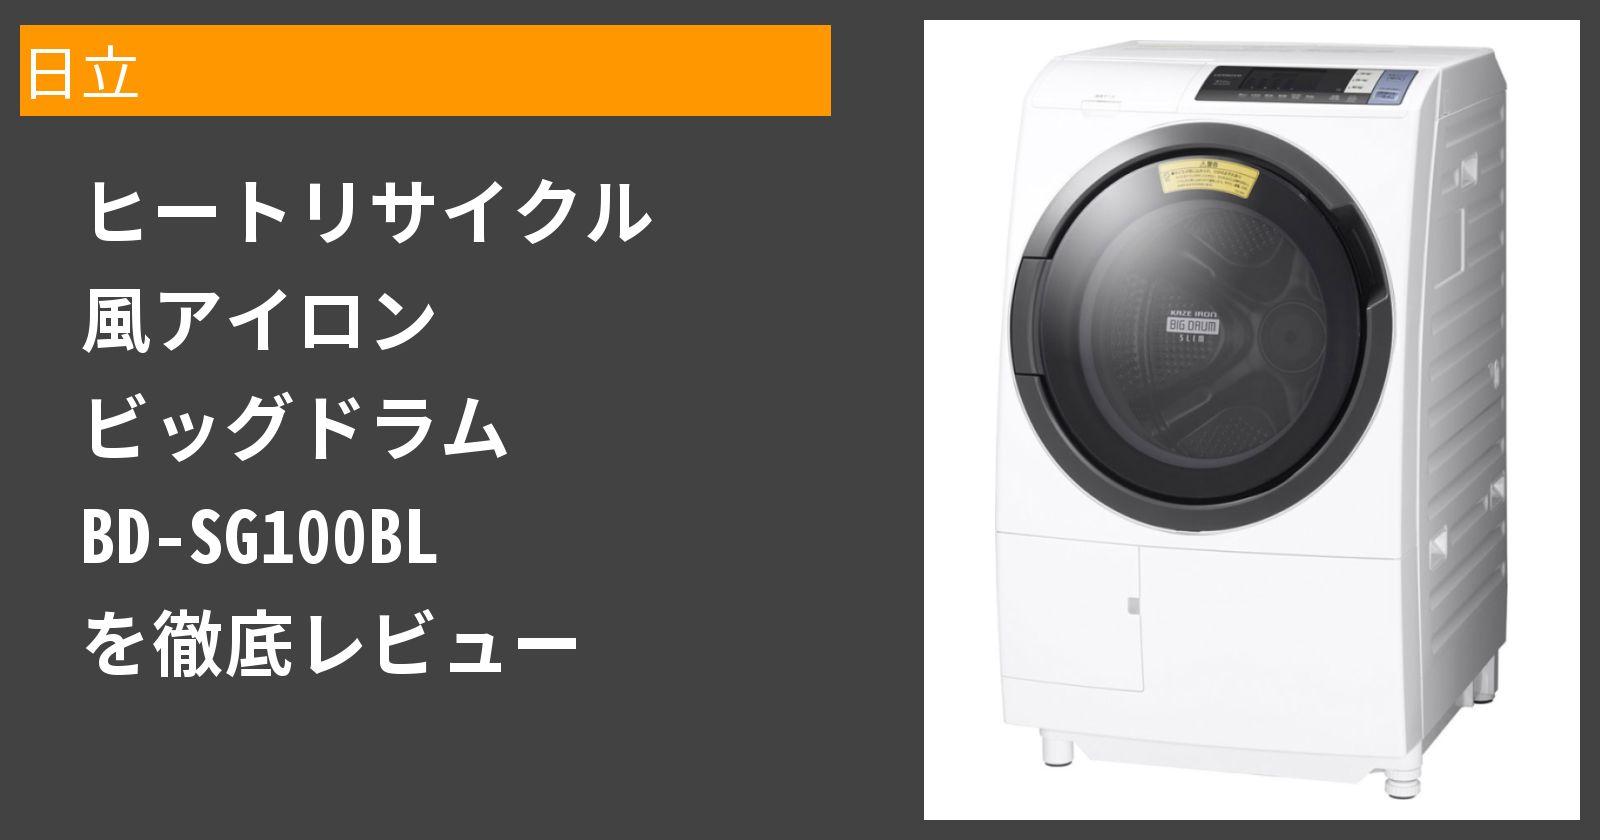 ヒートリサイクル 風アイロン ビッグドラム BD-SG100BLを徹底評価